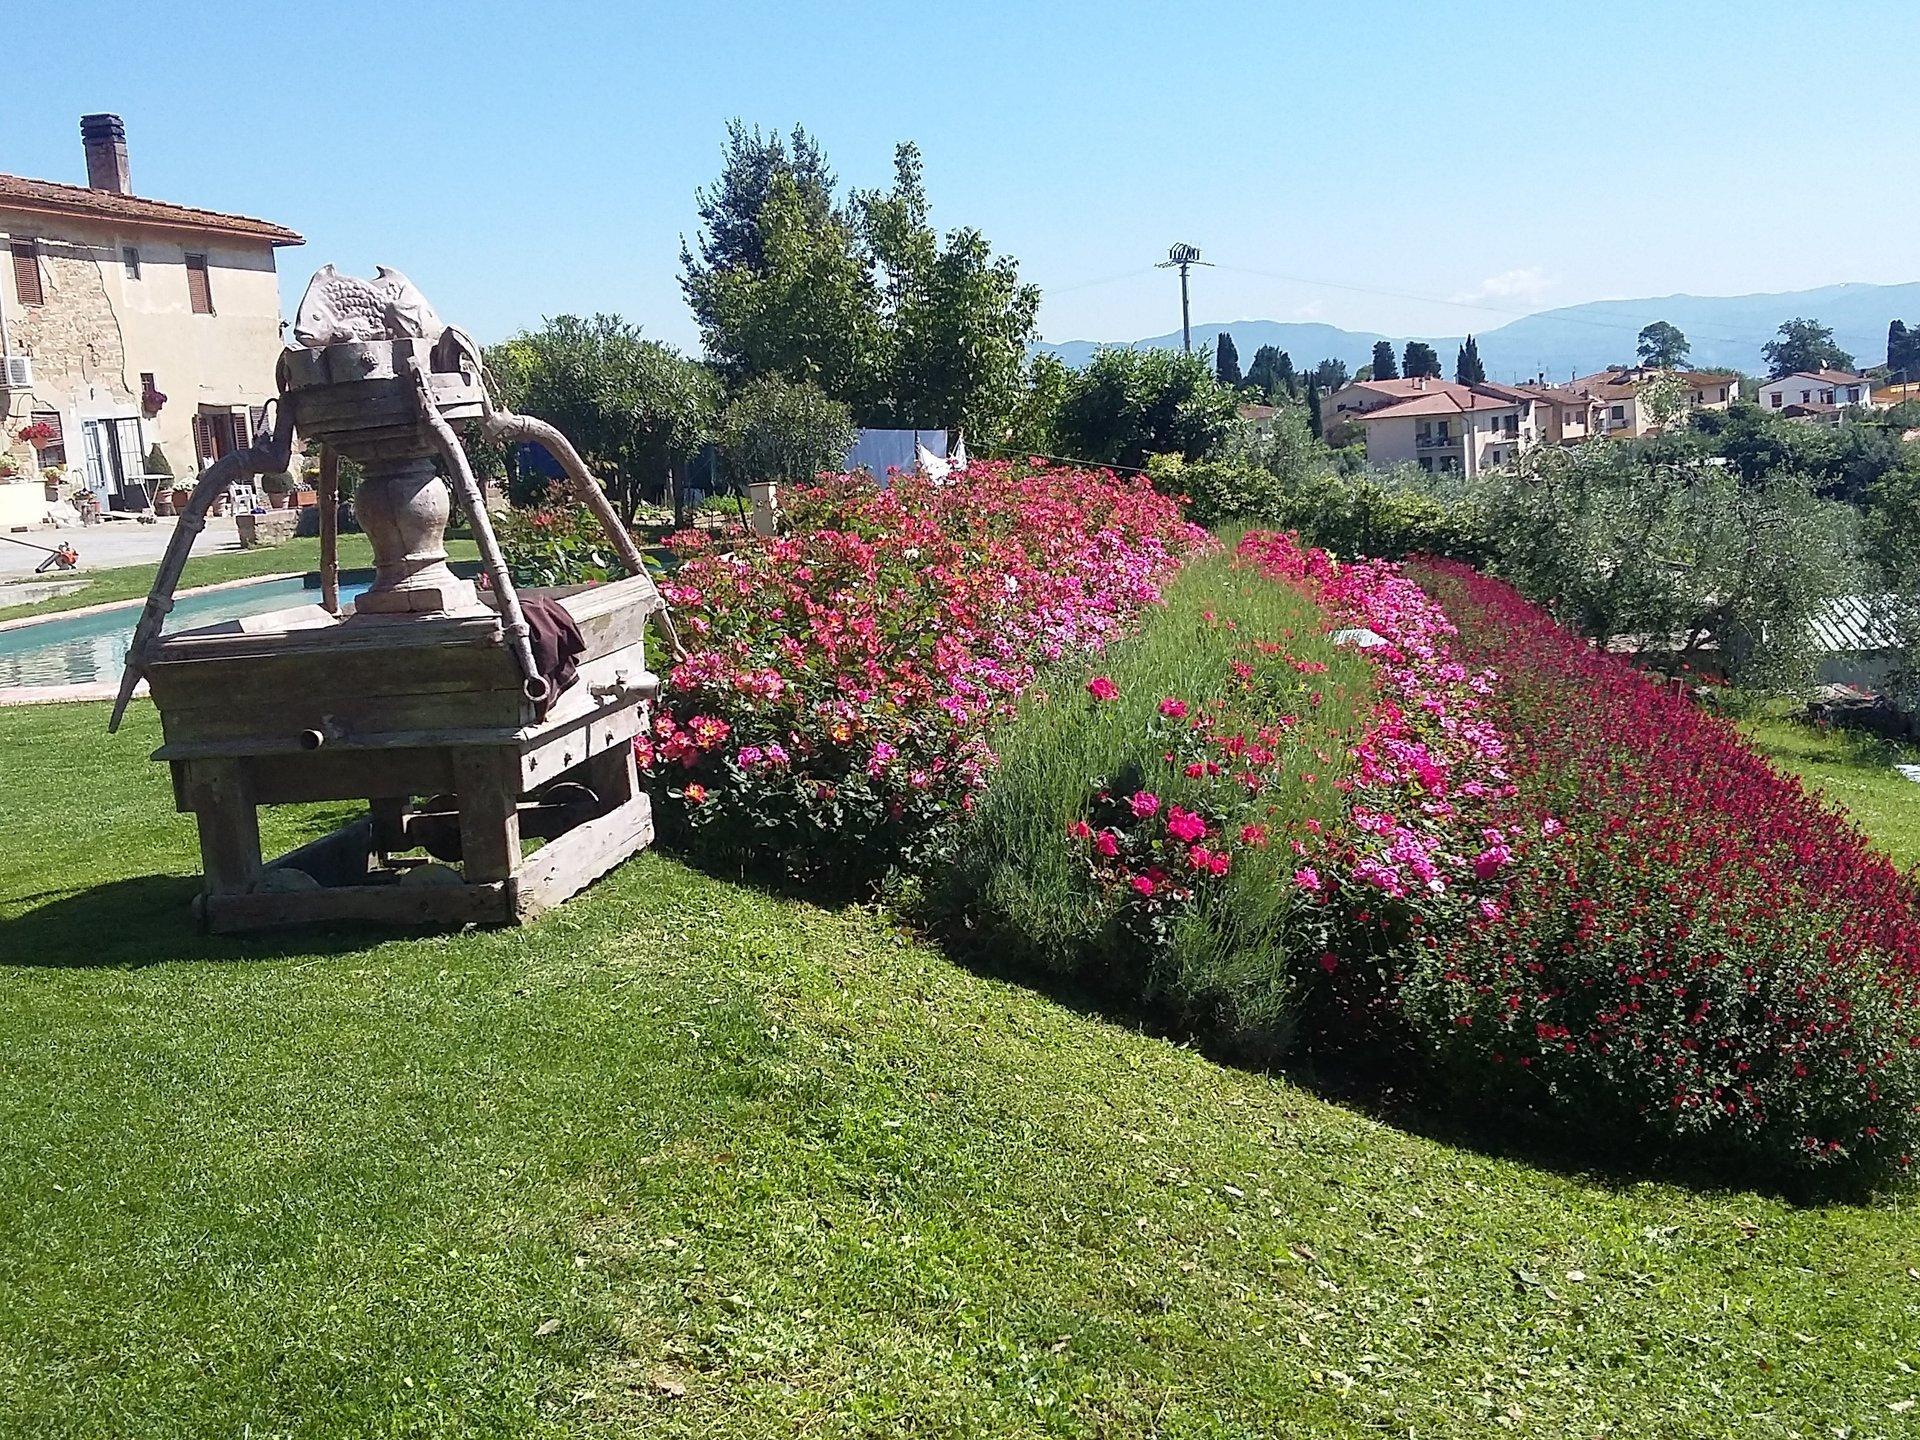 Realizzazione giardini giardini pensili giardini for Realizzazione giardini pensili